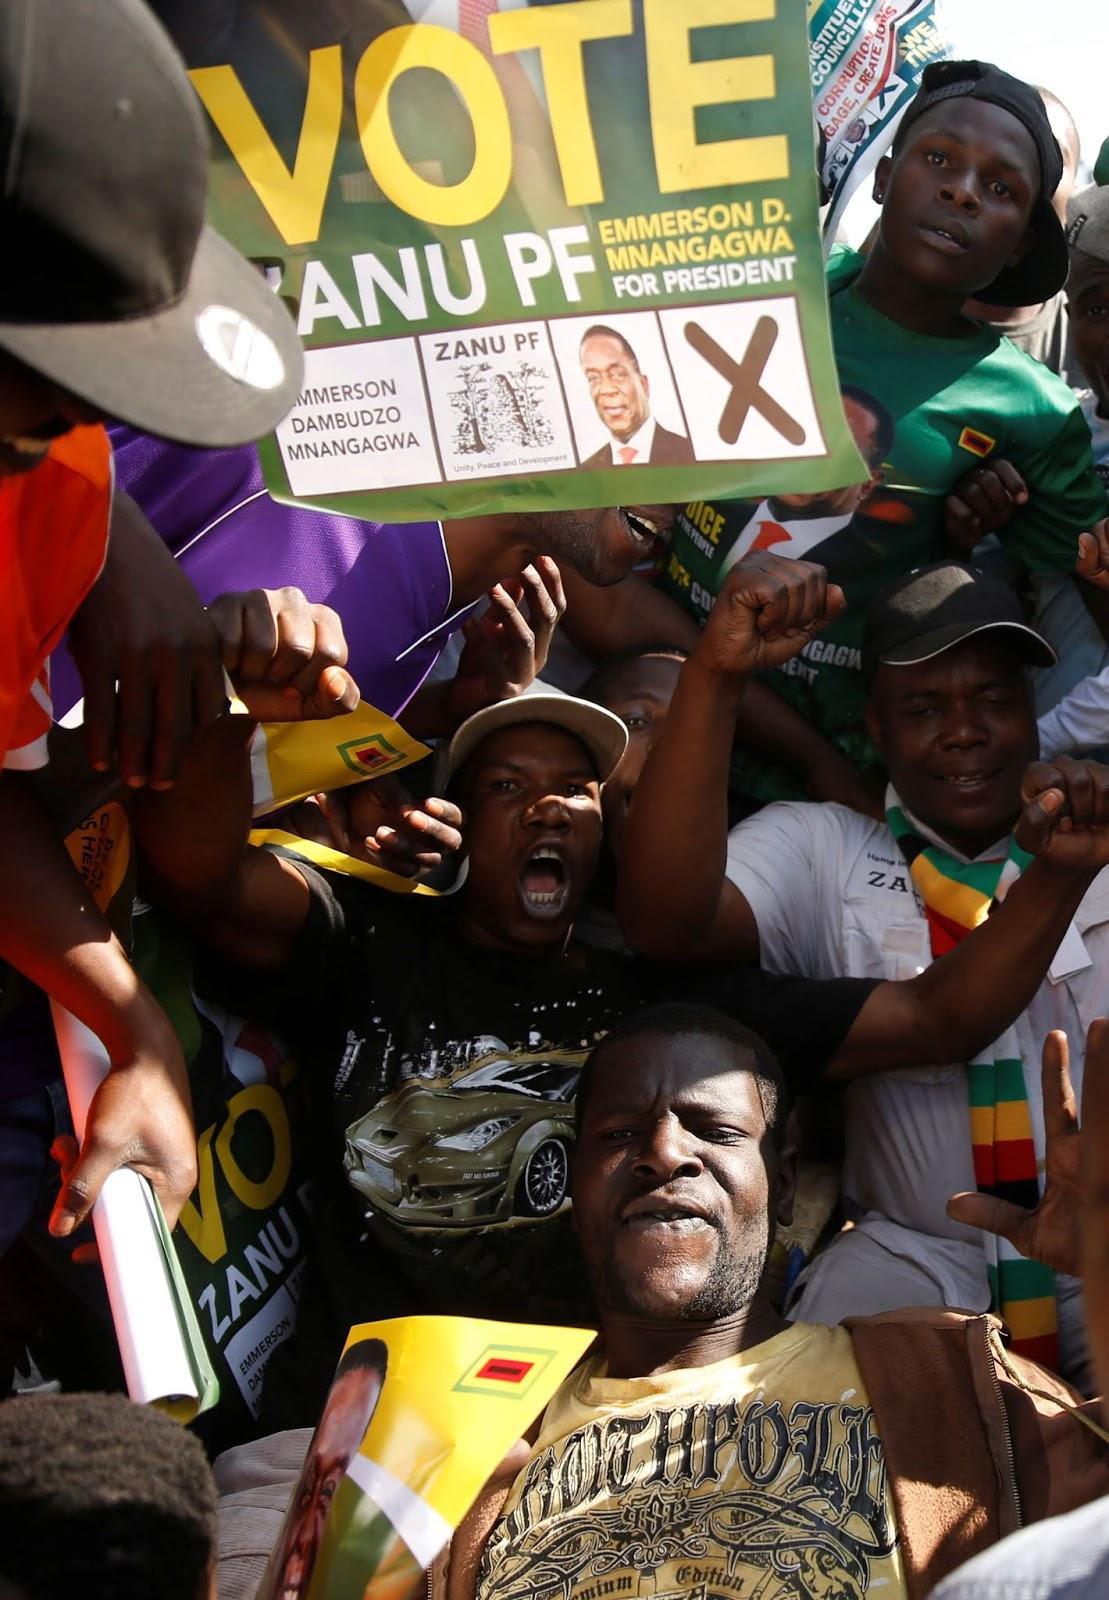 Thank You Zimbabwe, says Emmerson Dambudzo Mnangagwa